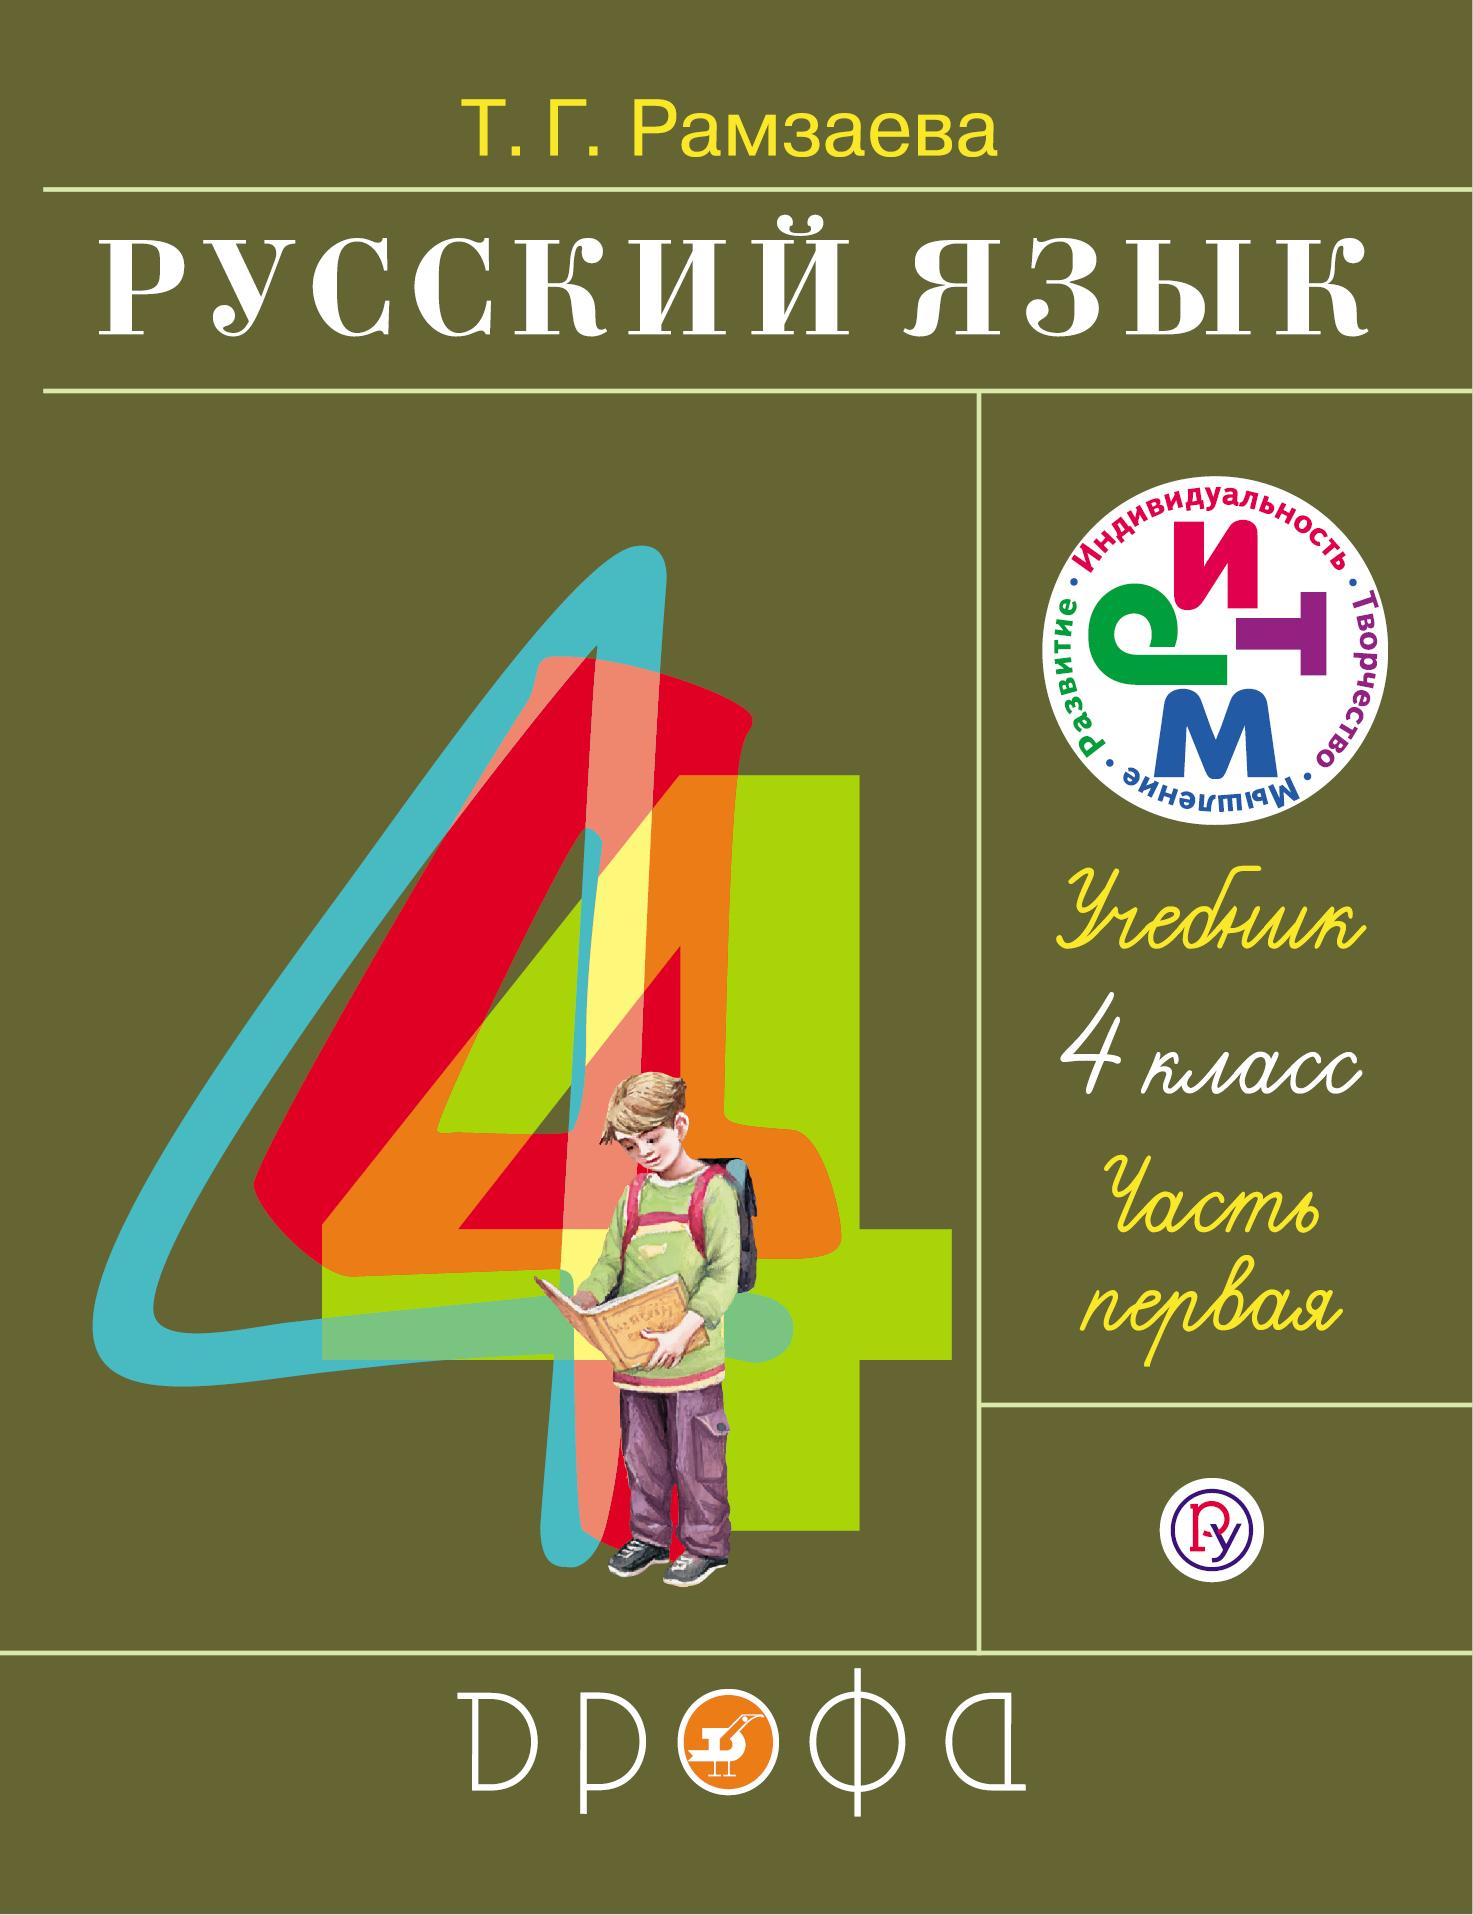 Книга рамзаева русский язык для 4 класса смотреть онлайн